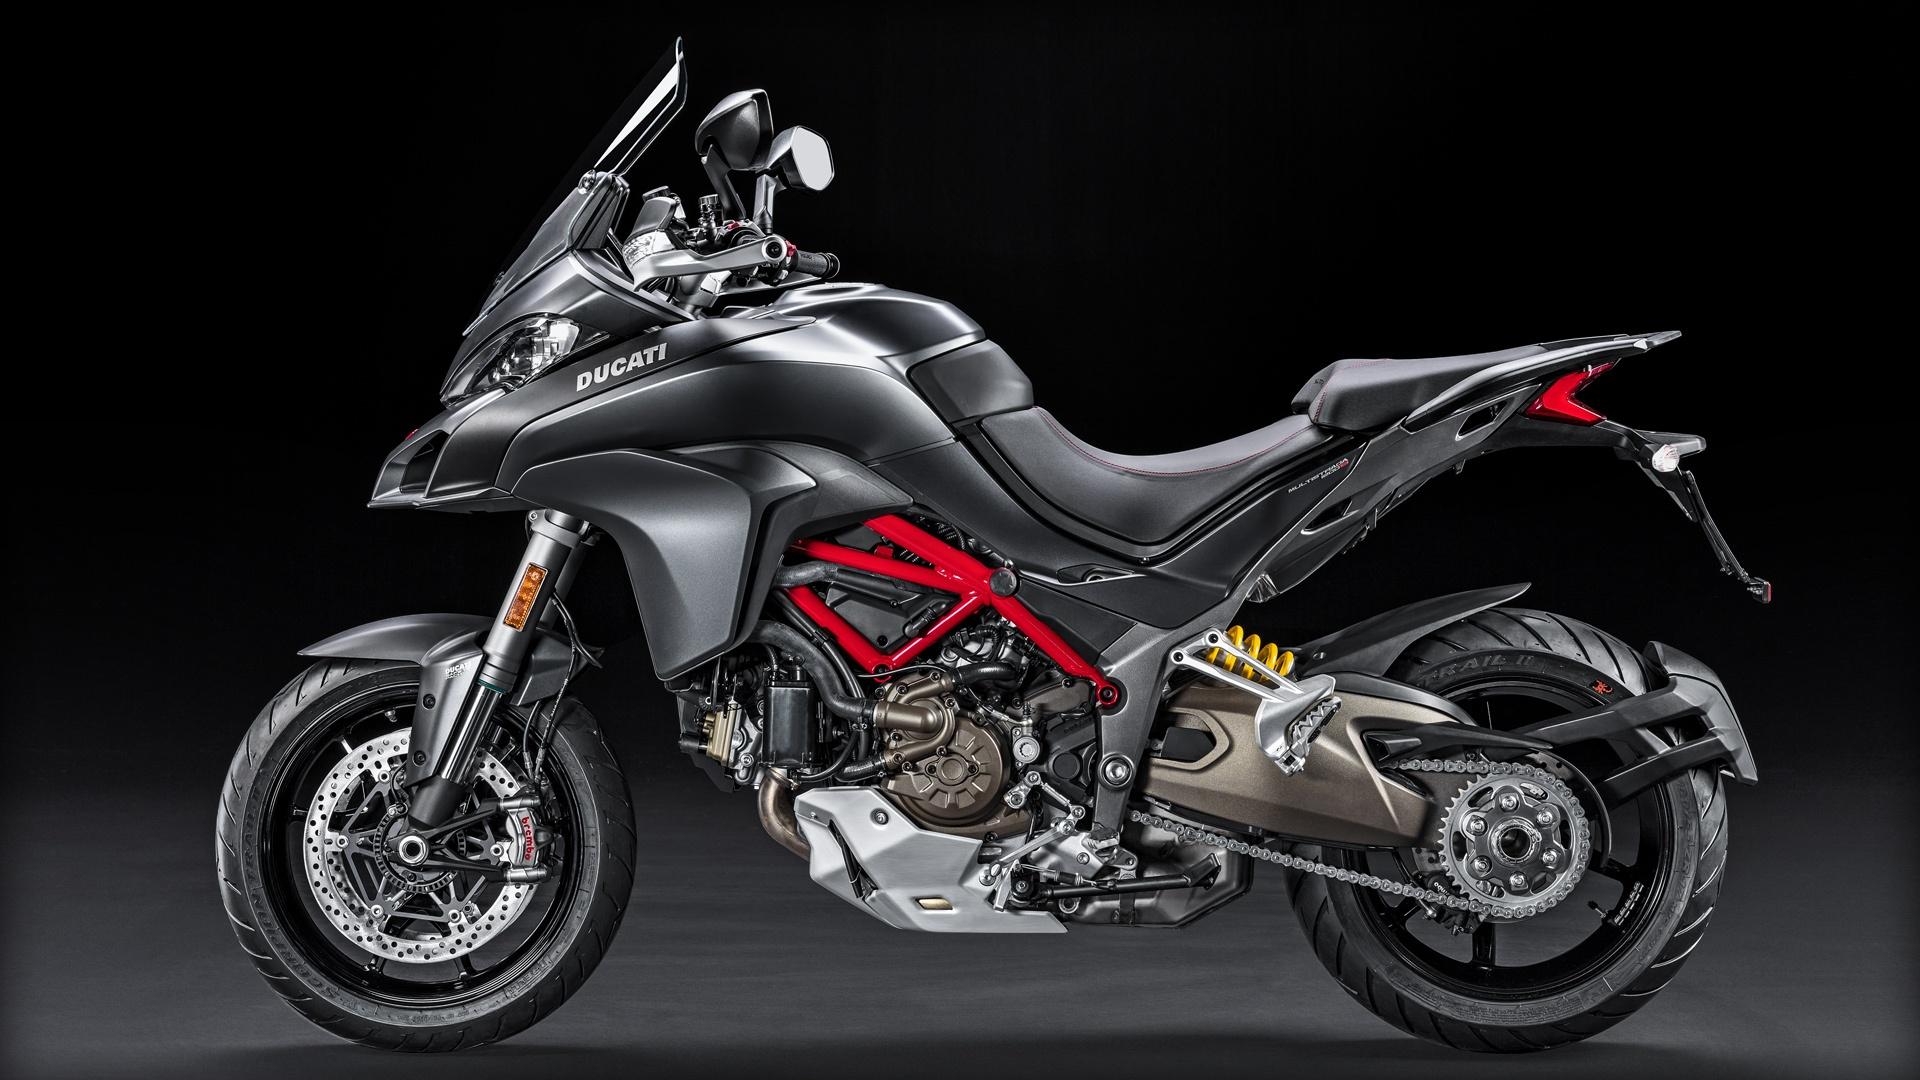 2020 Ducati Multistrada 1260 Pikes Peak Guide • Total